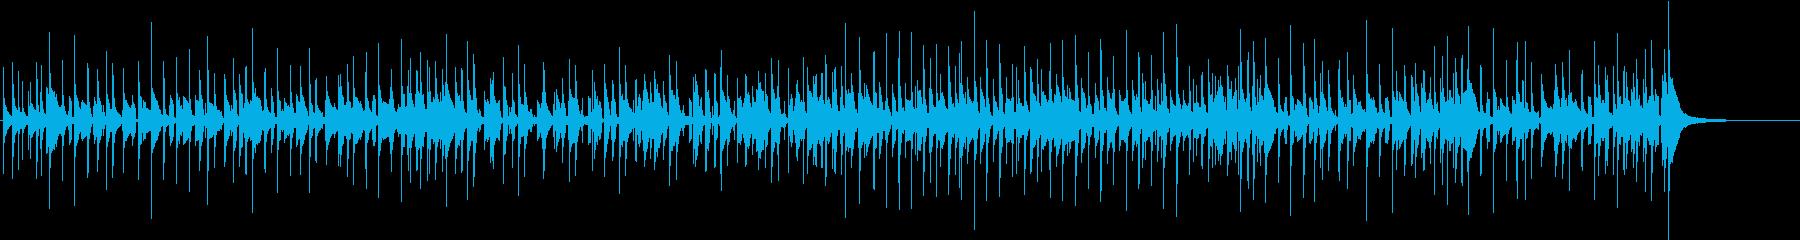 ドラムベースのゆるいファンクの再生済みの波形